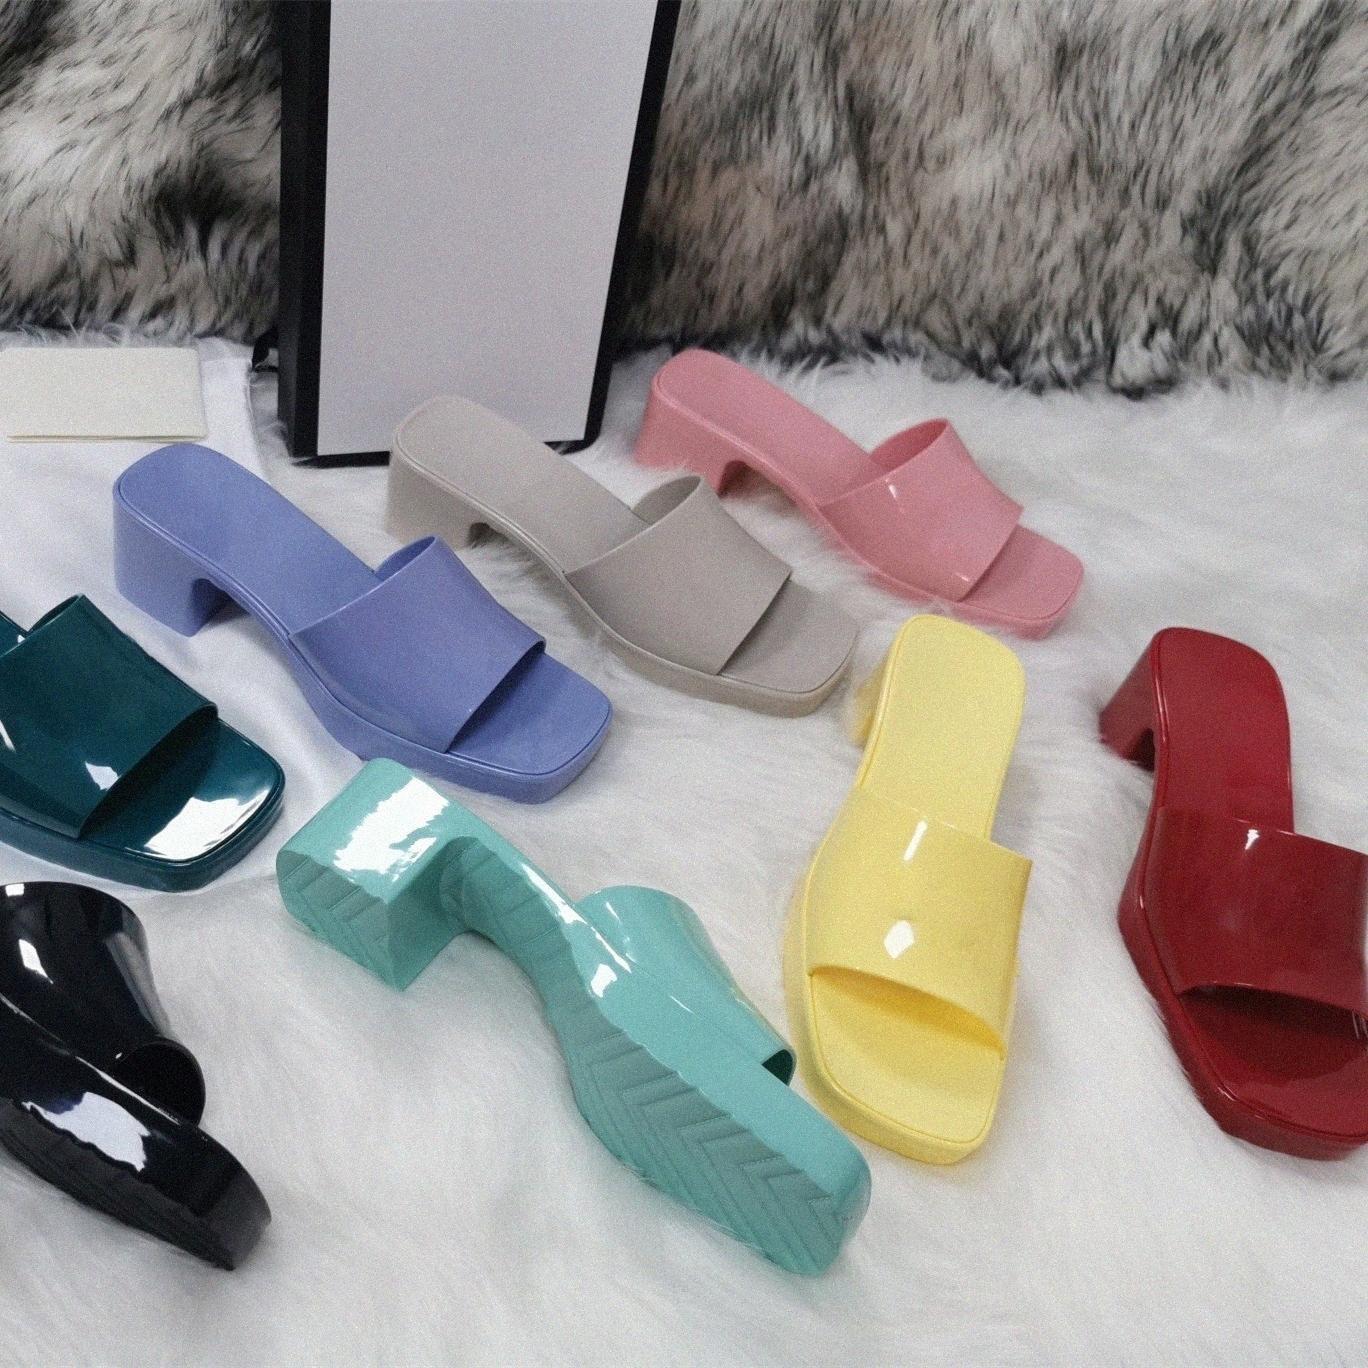 Frauen Gummi High Heel Slide Sandal Dame Obst Plattform Slipper Sommer Geprägte Süßigkeiten Farben Outdoor Strand Flip Flops Damen Slides Hausschuhe